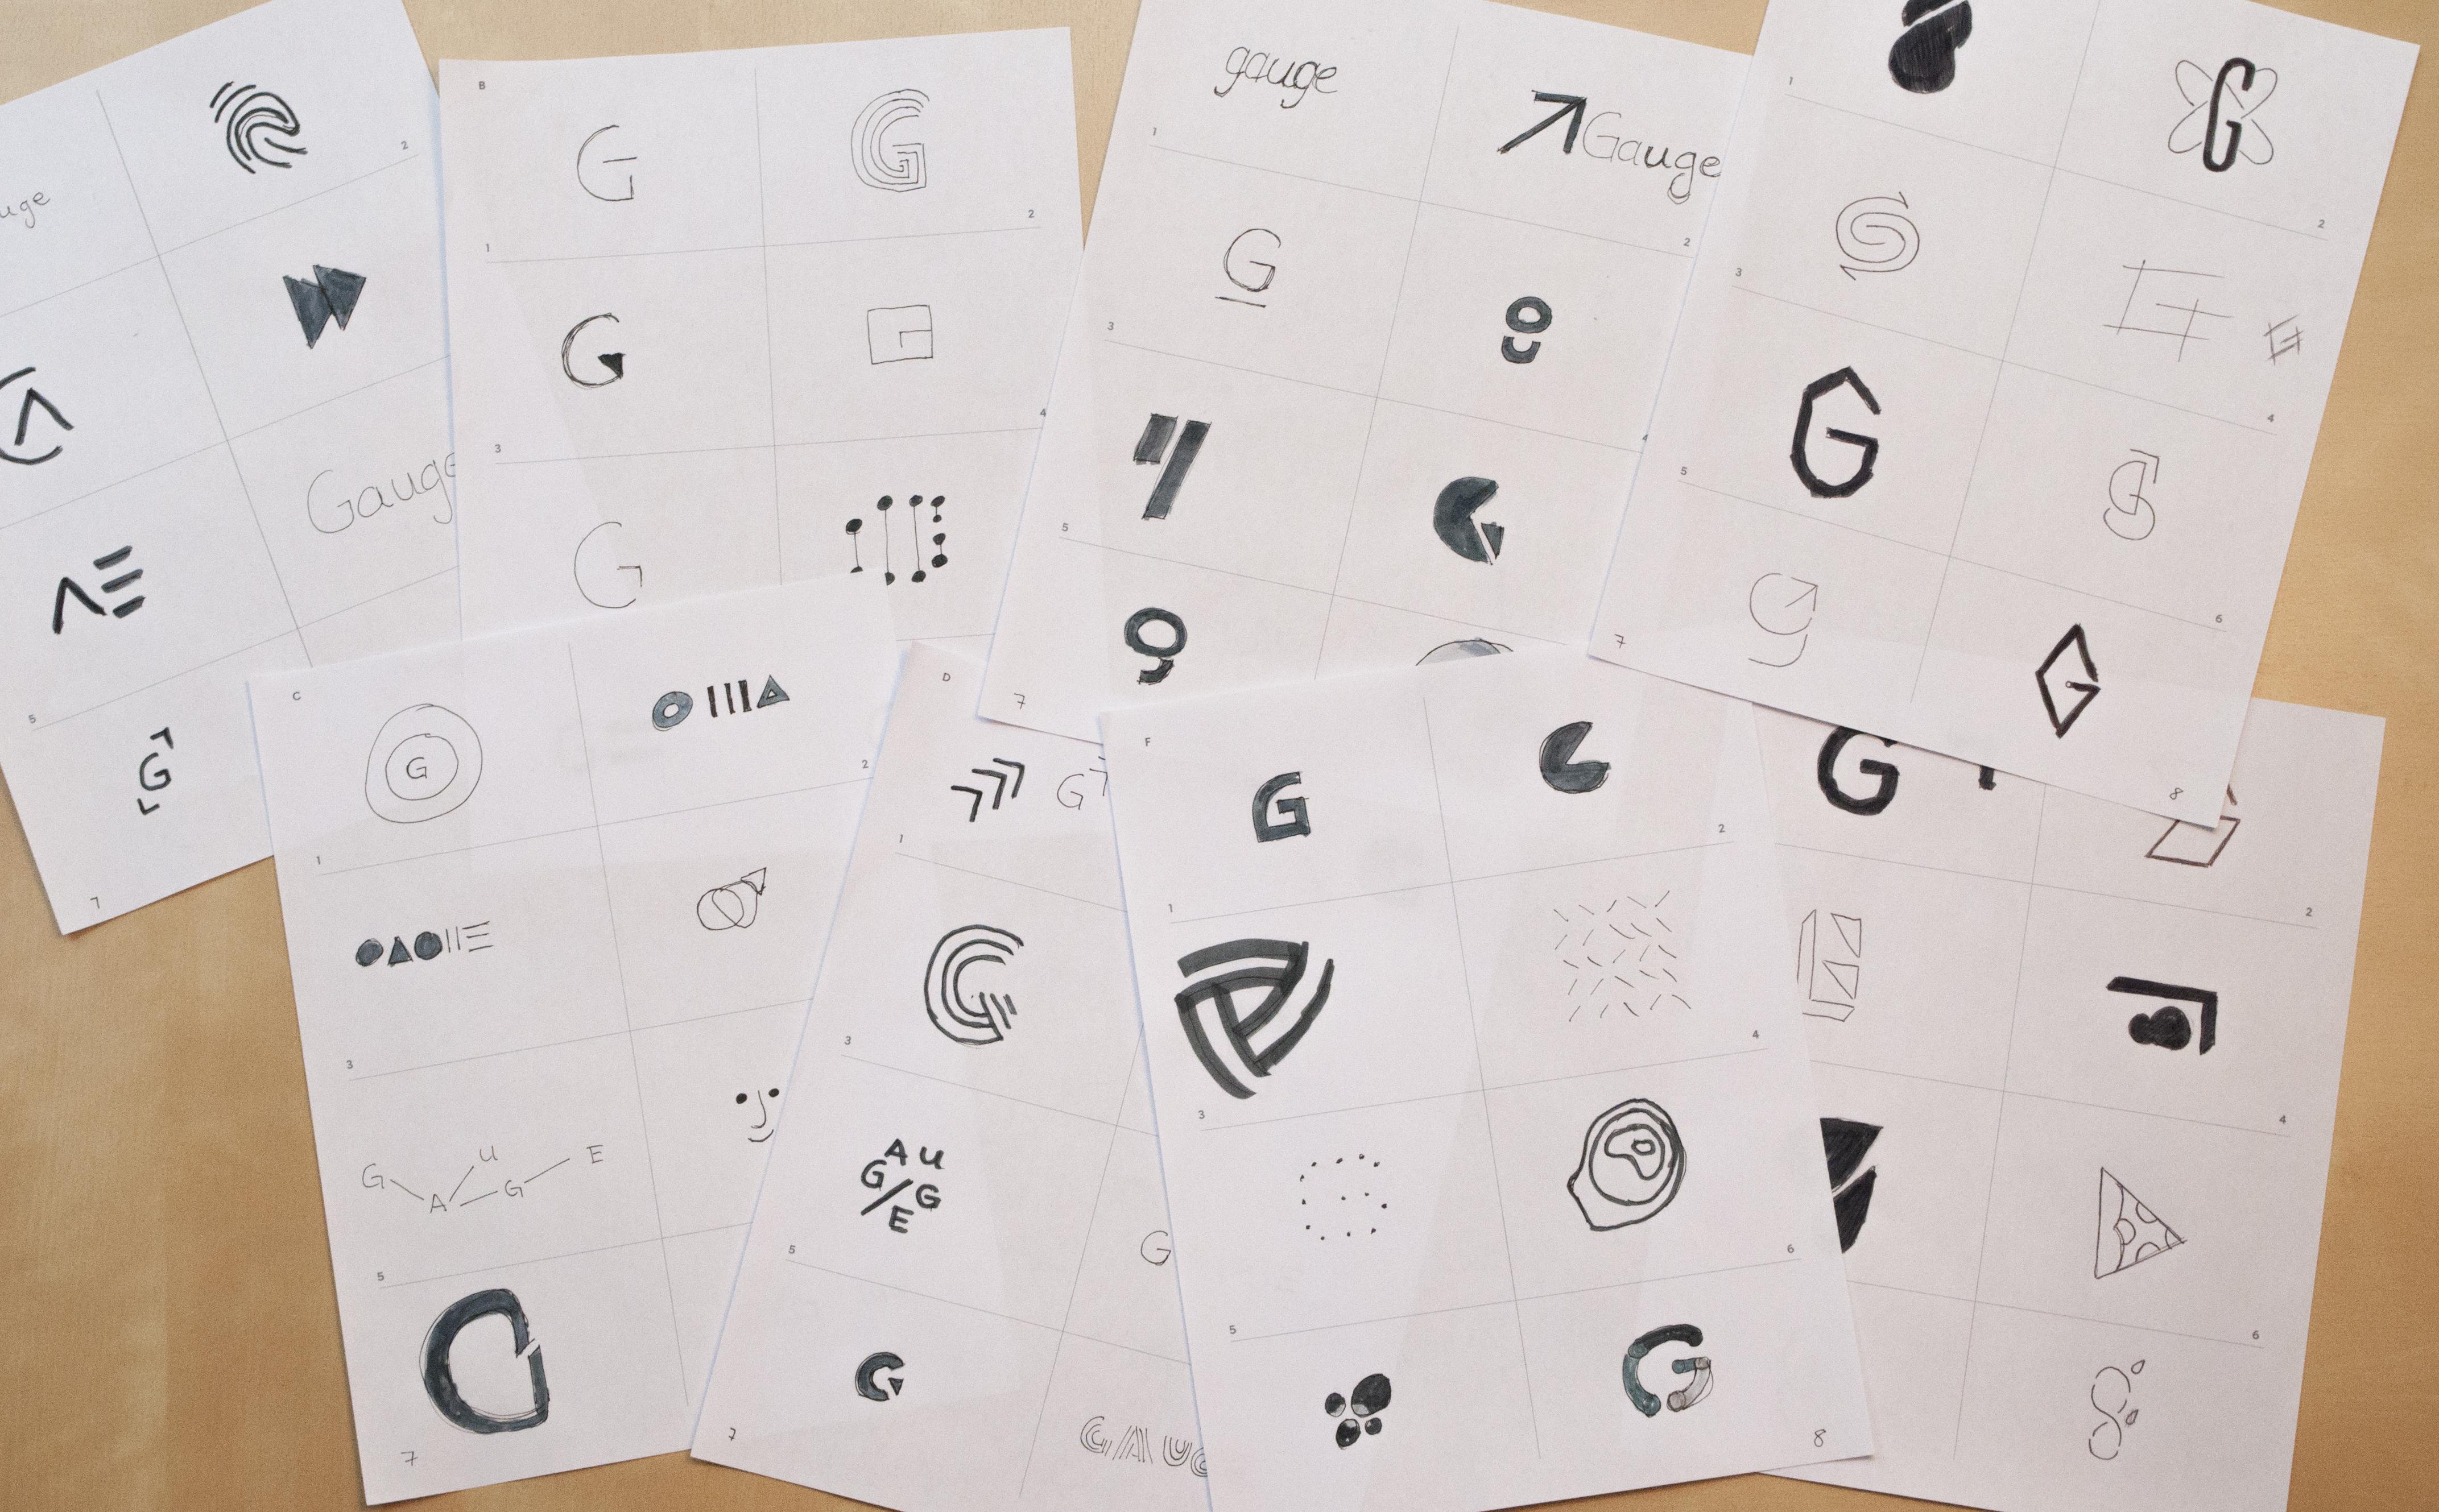 Gauge sketches